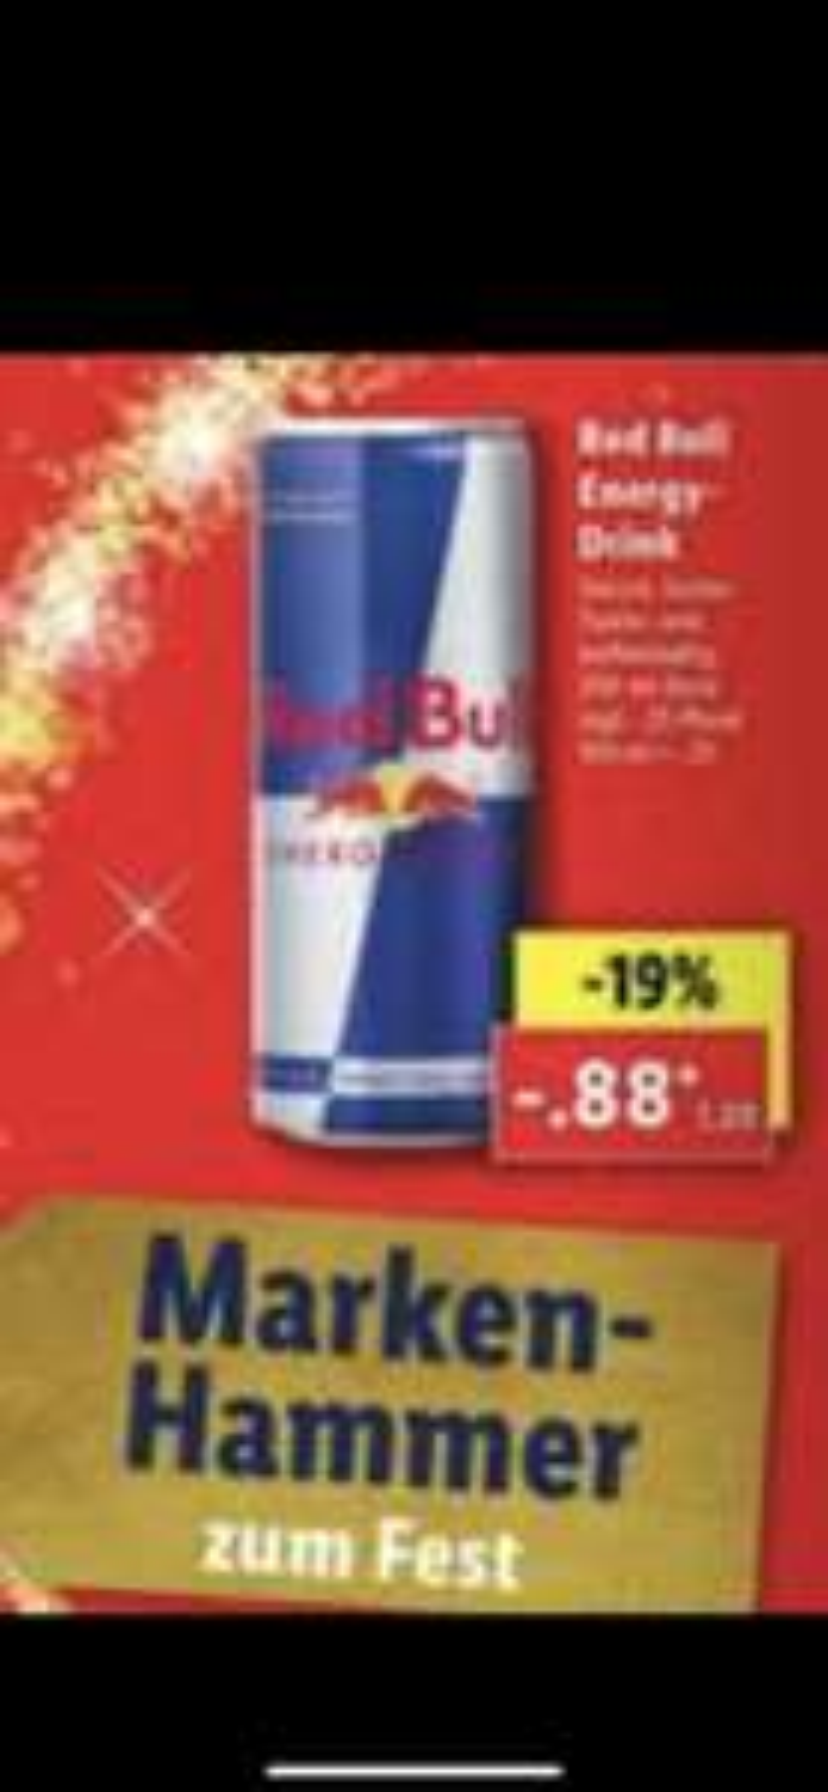 Red bull 0,88€ Lidl Duitland